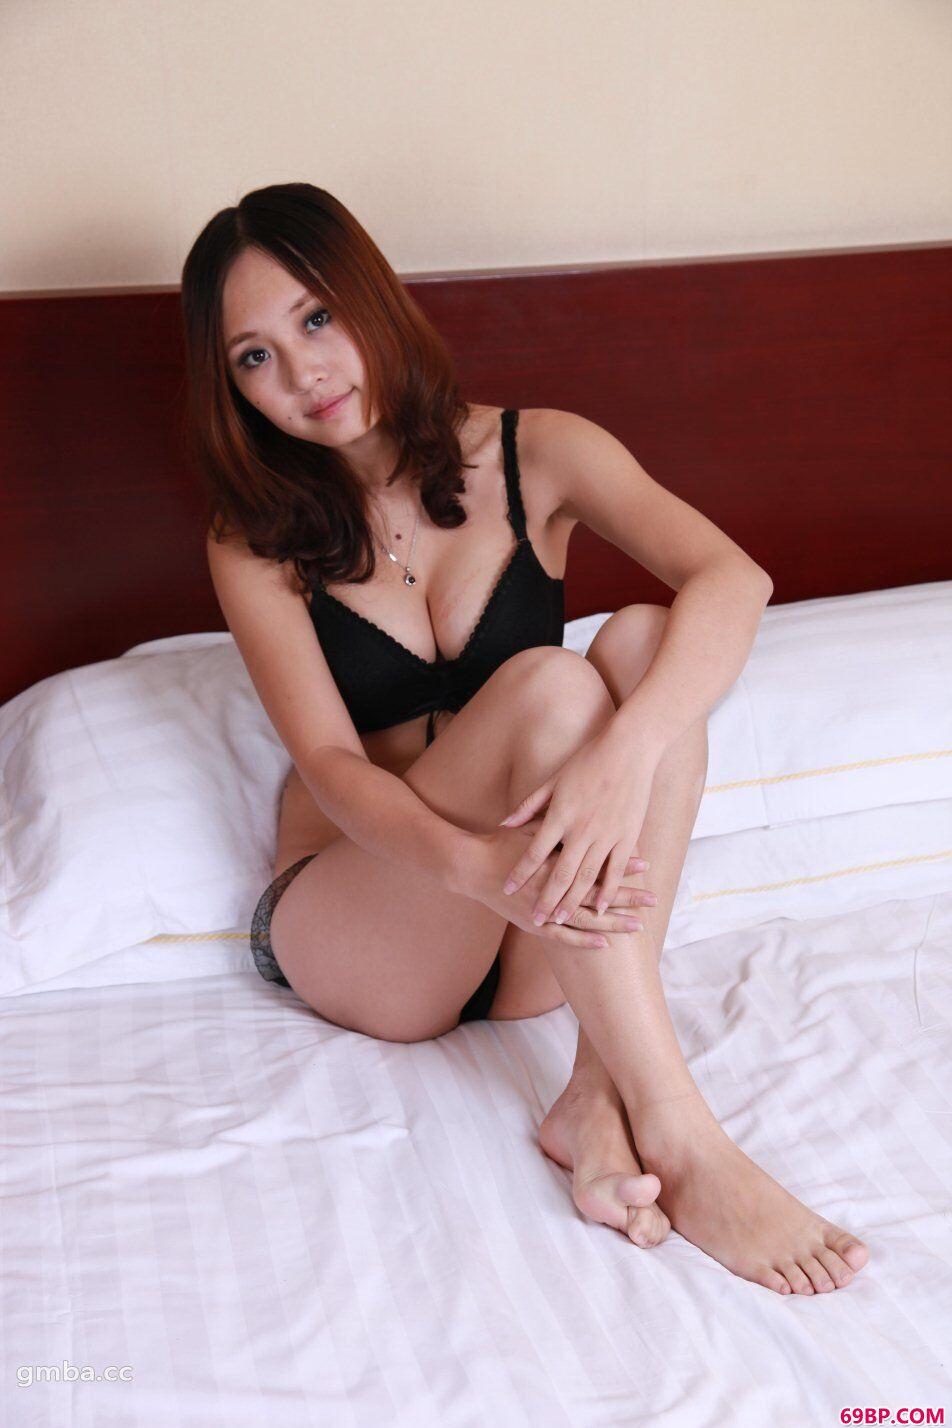 靓女裸模小宁抵挡不住超大胆精品写真_西西网站